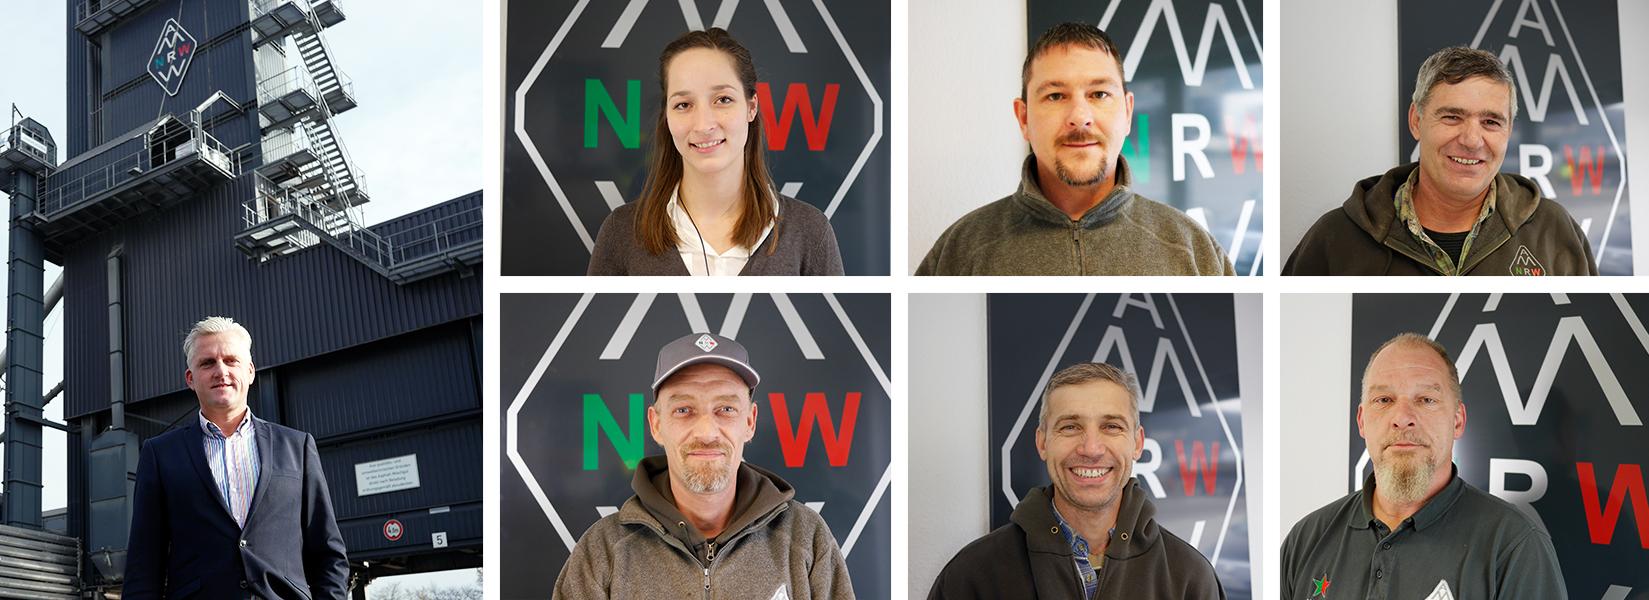 AM-NRW-Unternehmerischer Erfolg